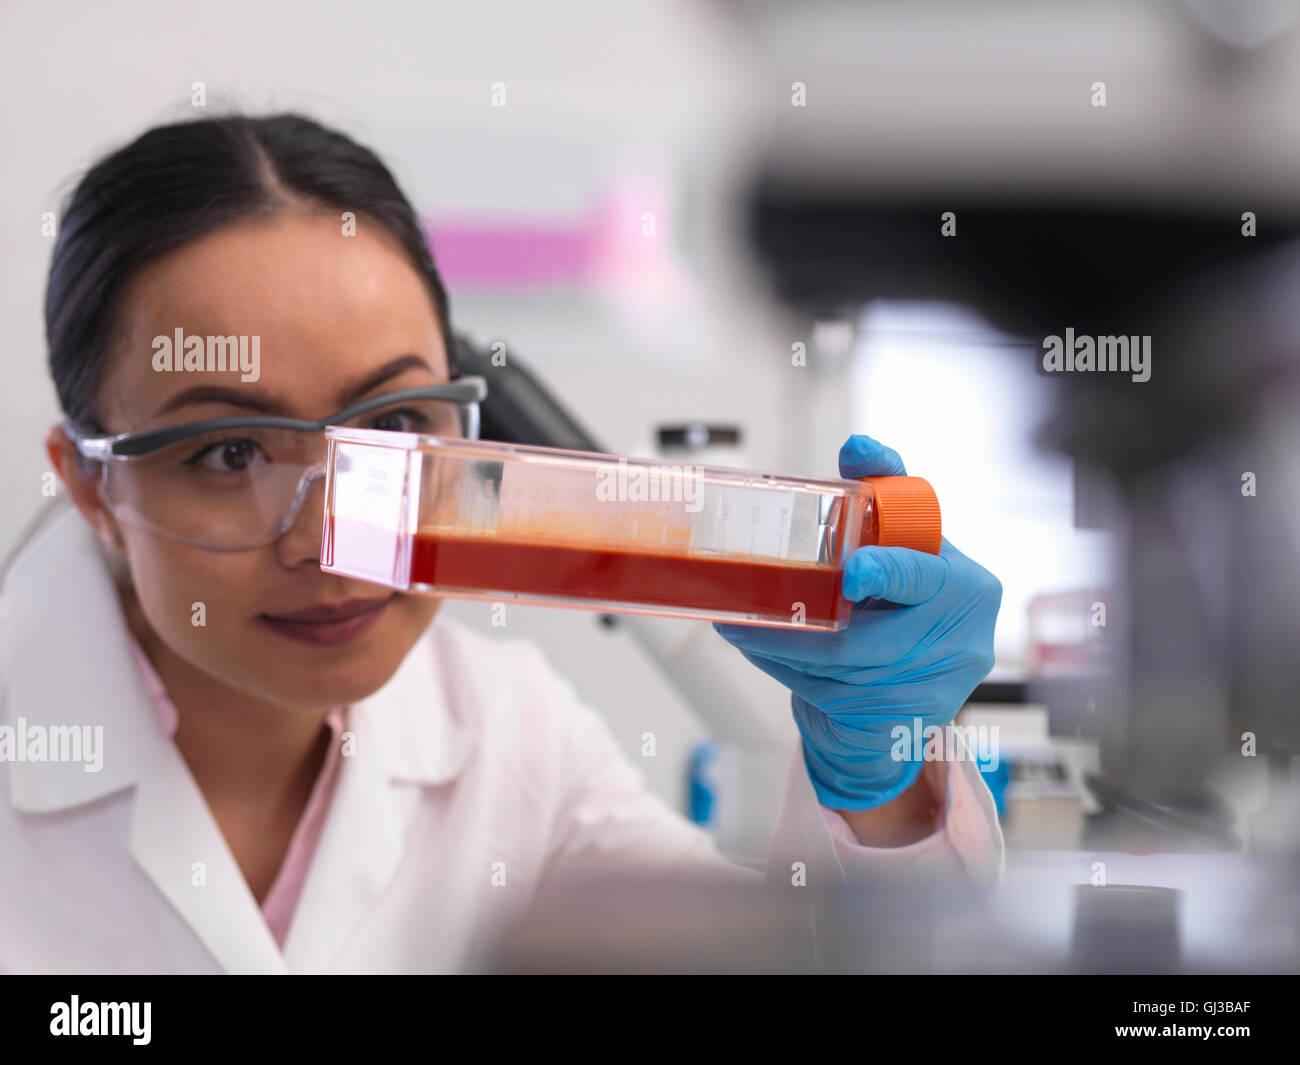 L'examen scientifique des femmes de plus en plus de cultures de cellules dans un pot de culture en laboratoire Banque D'Images